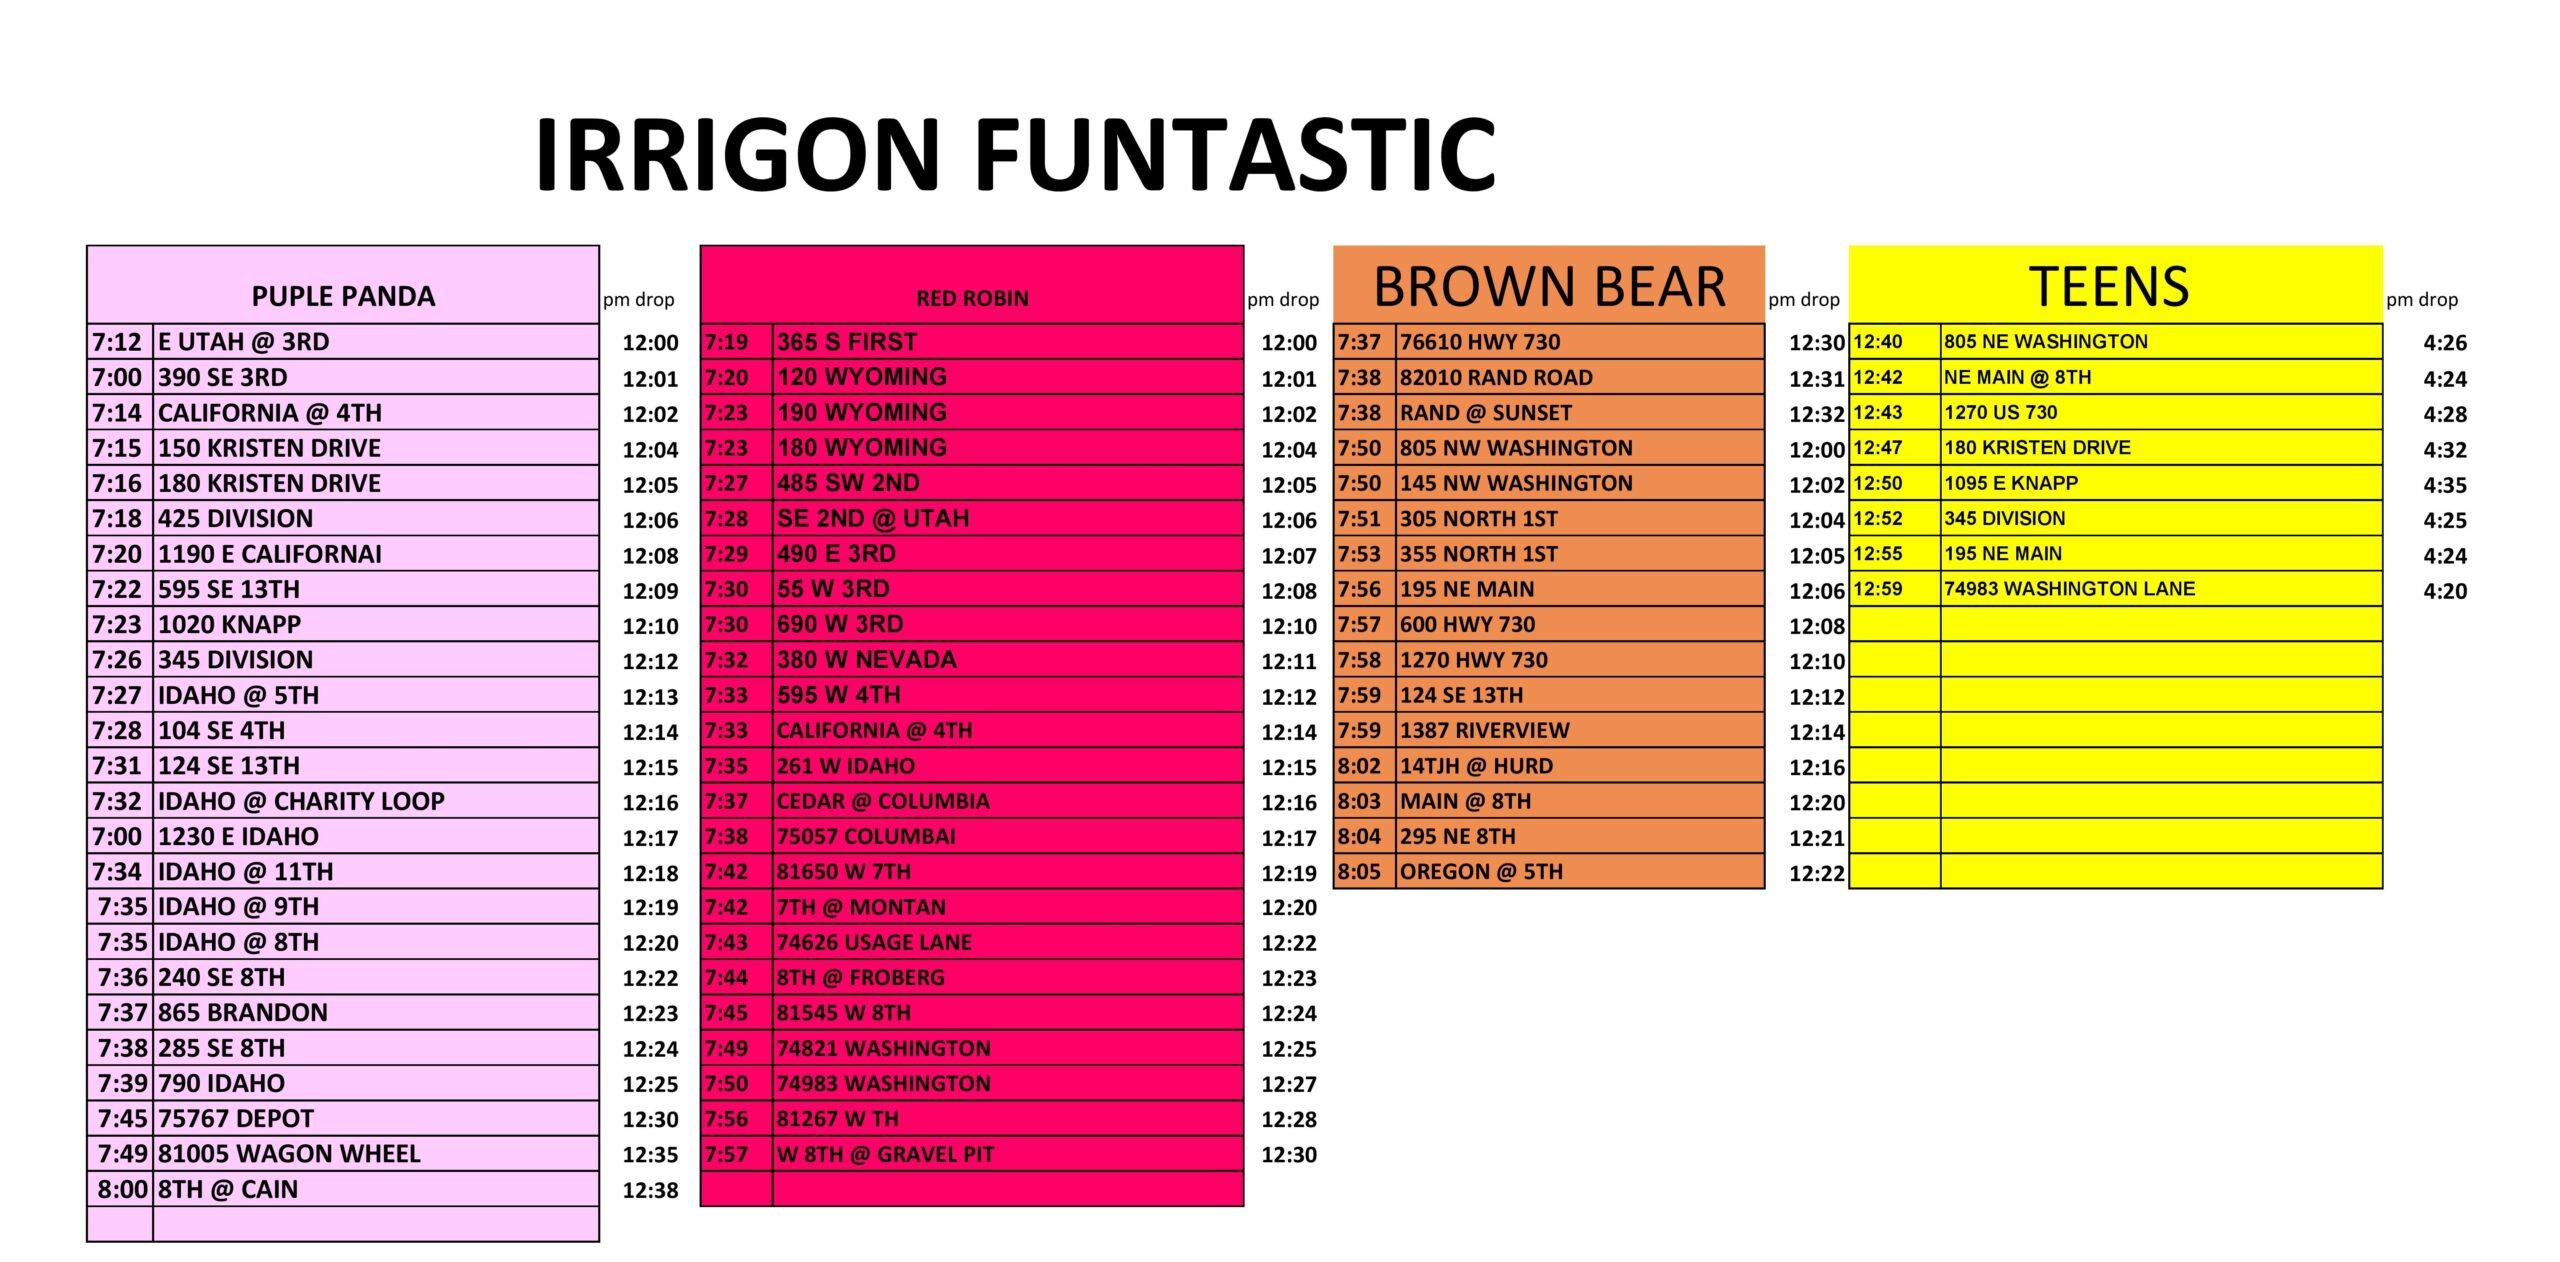 Copy of IRRIGON-page-001